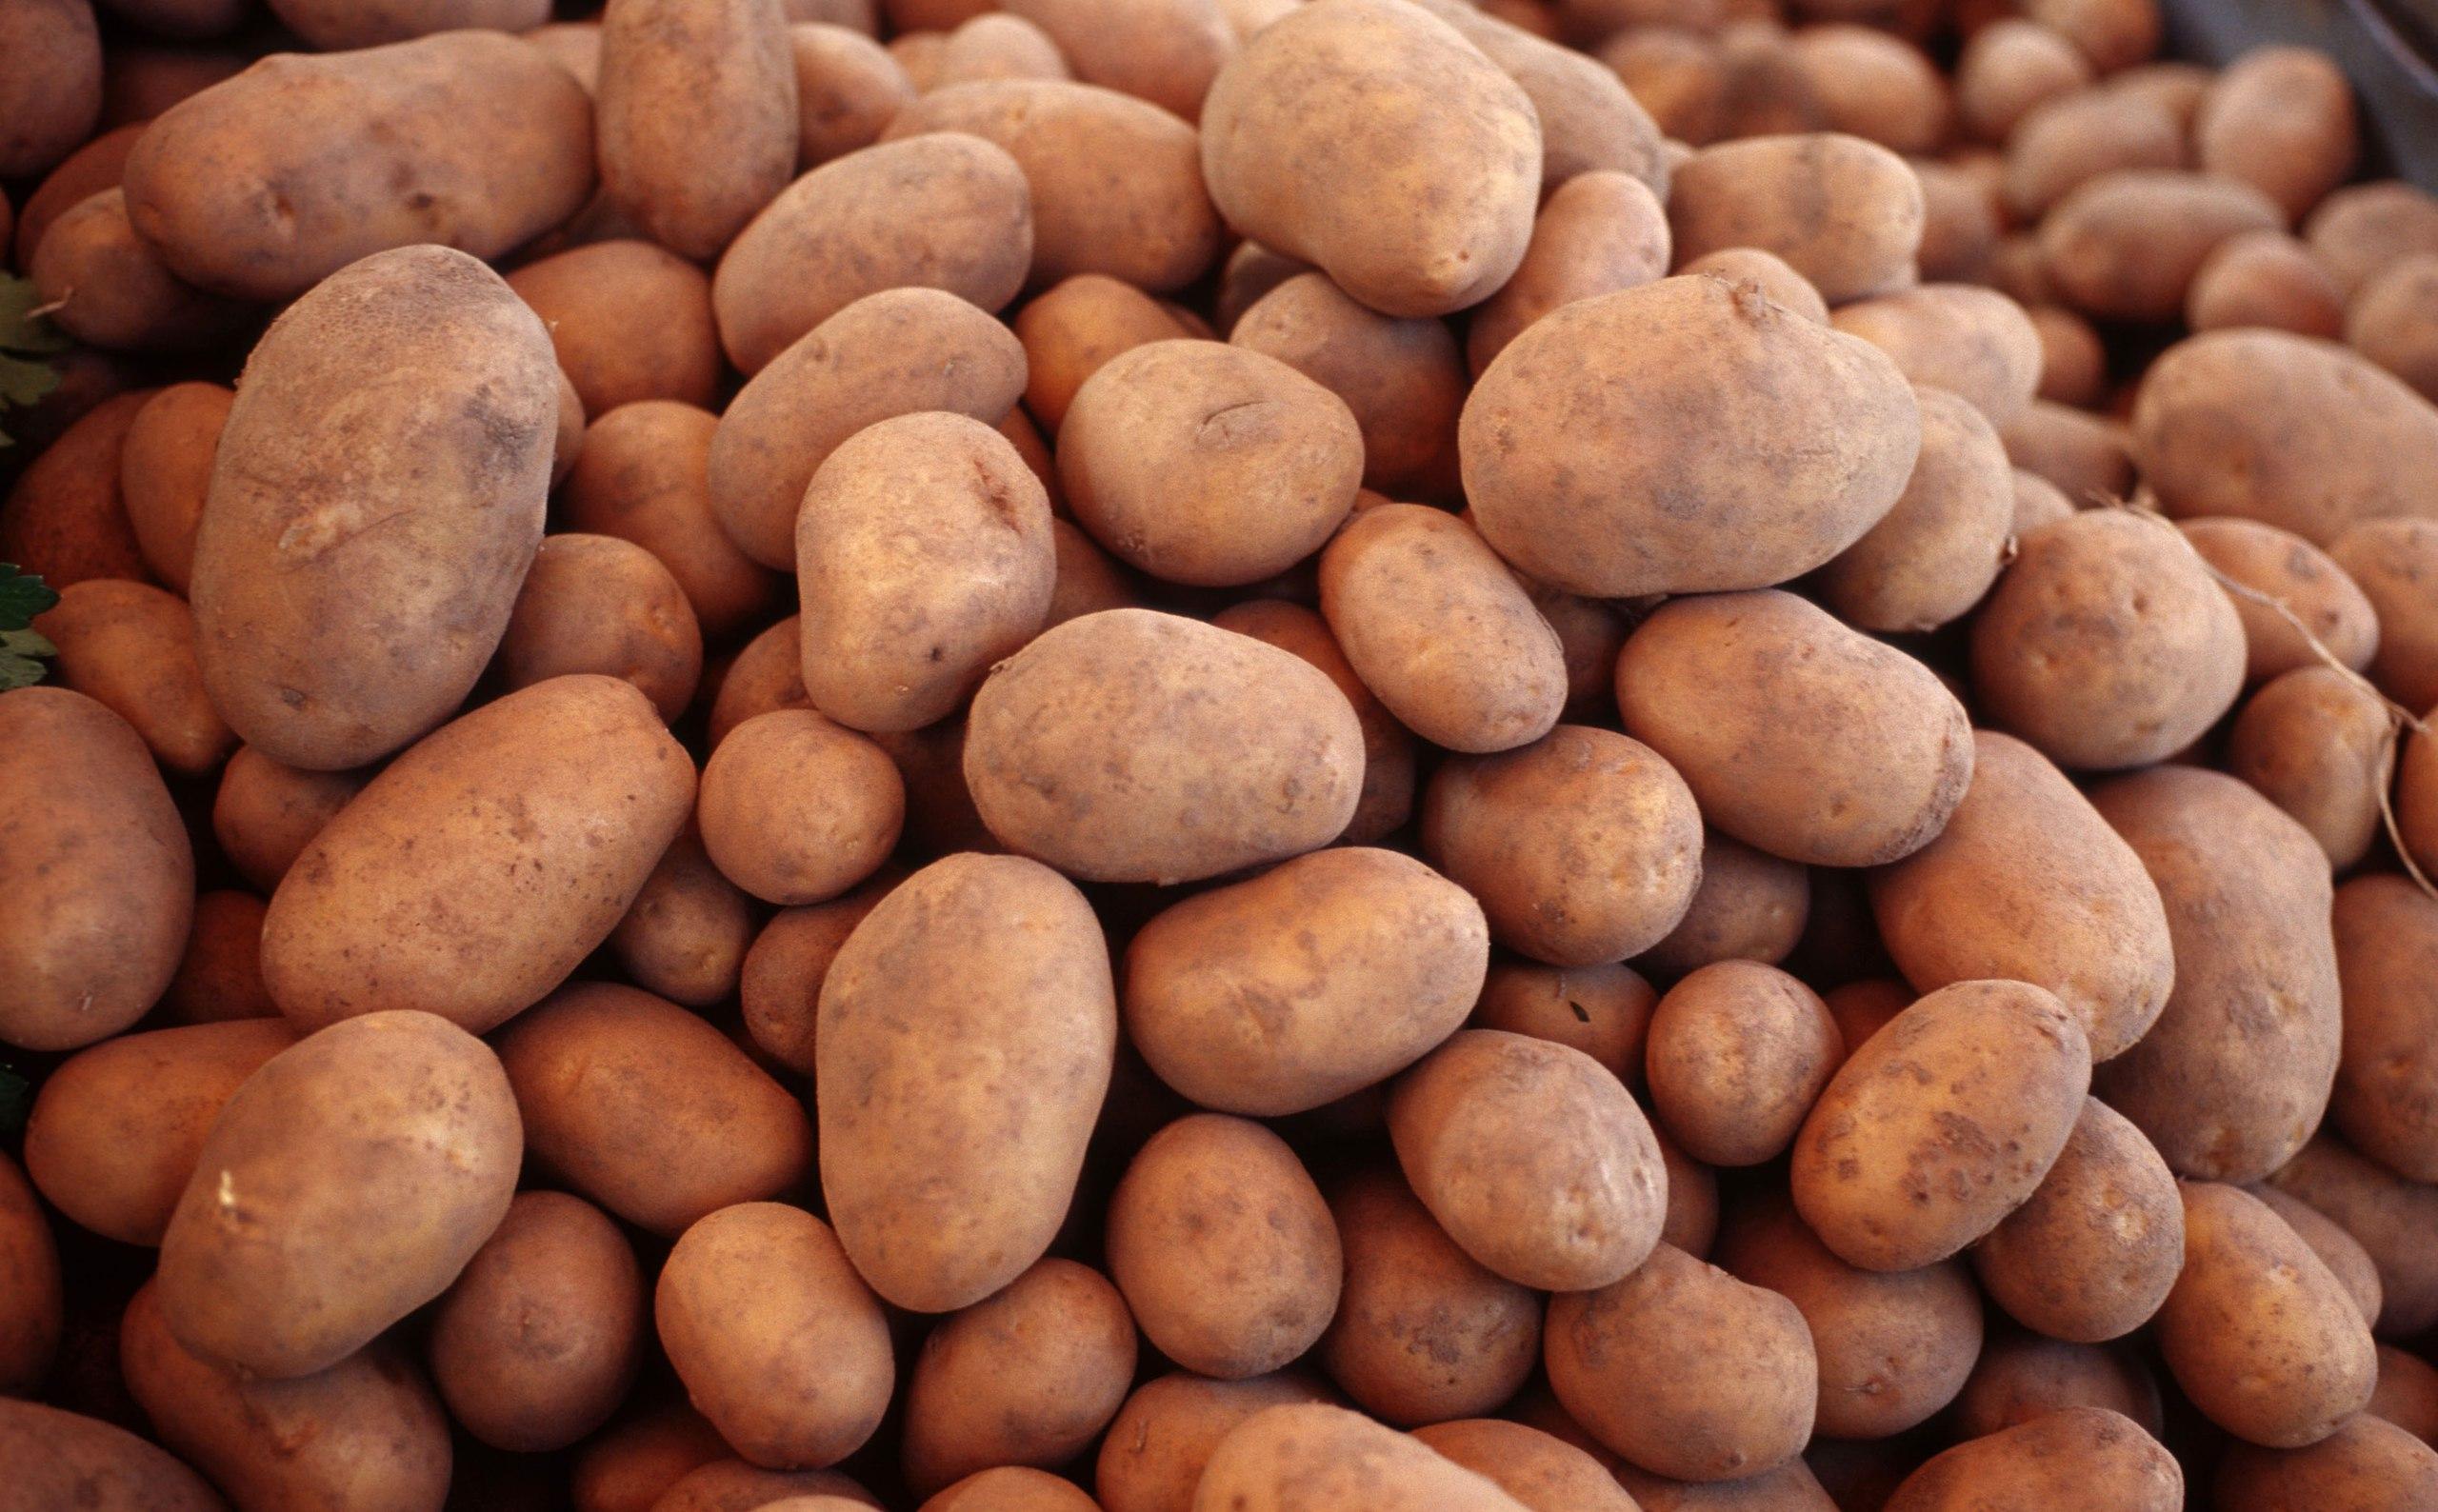 Россия пригрозила Белоруссии ограничениями на ввоз картофеля